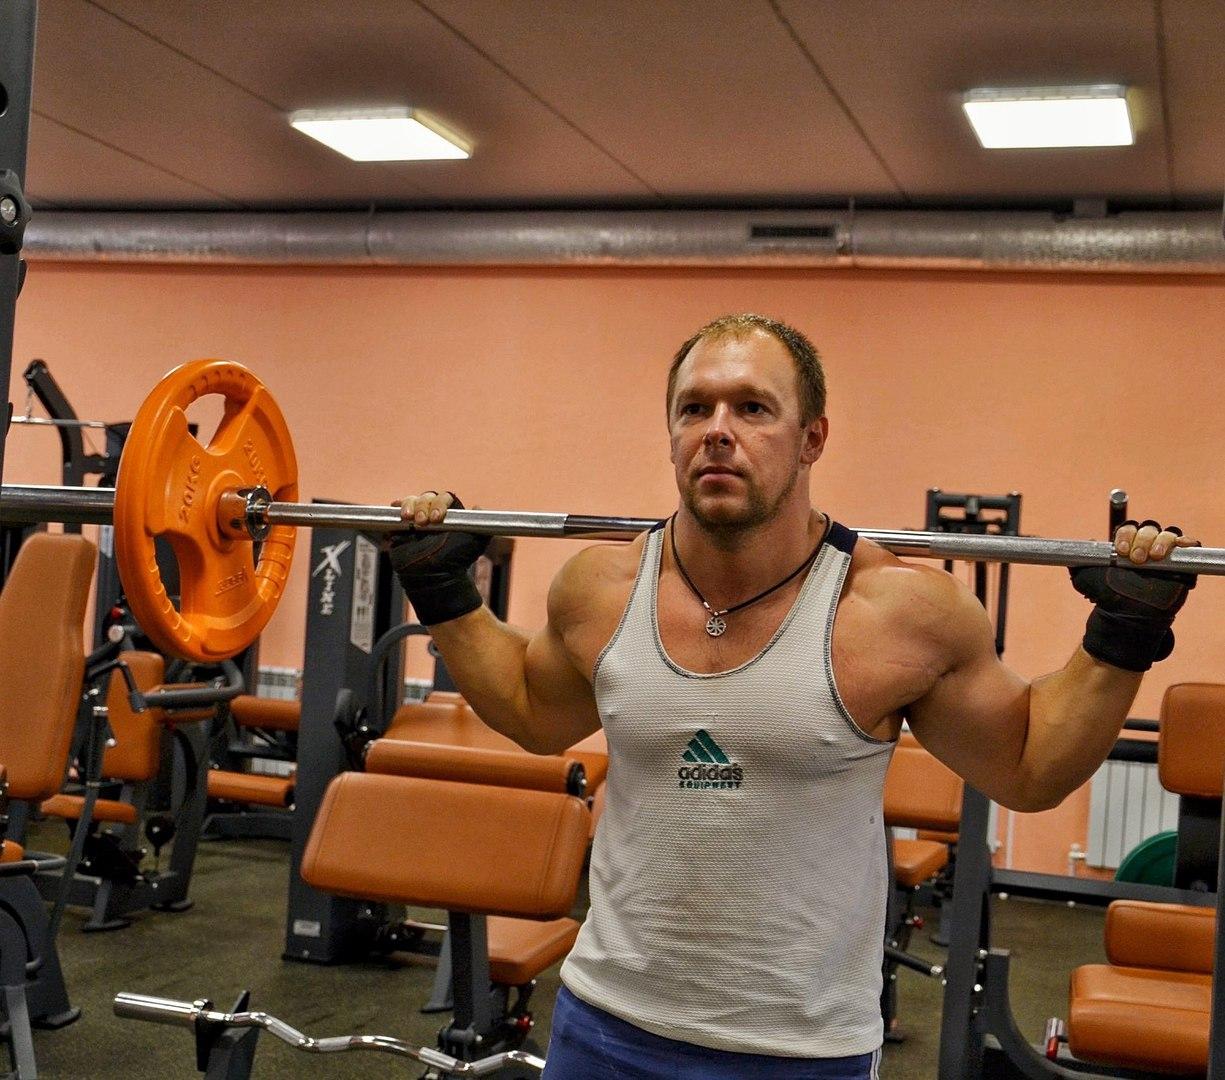 Физические нагрузки для похудения в 460